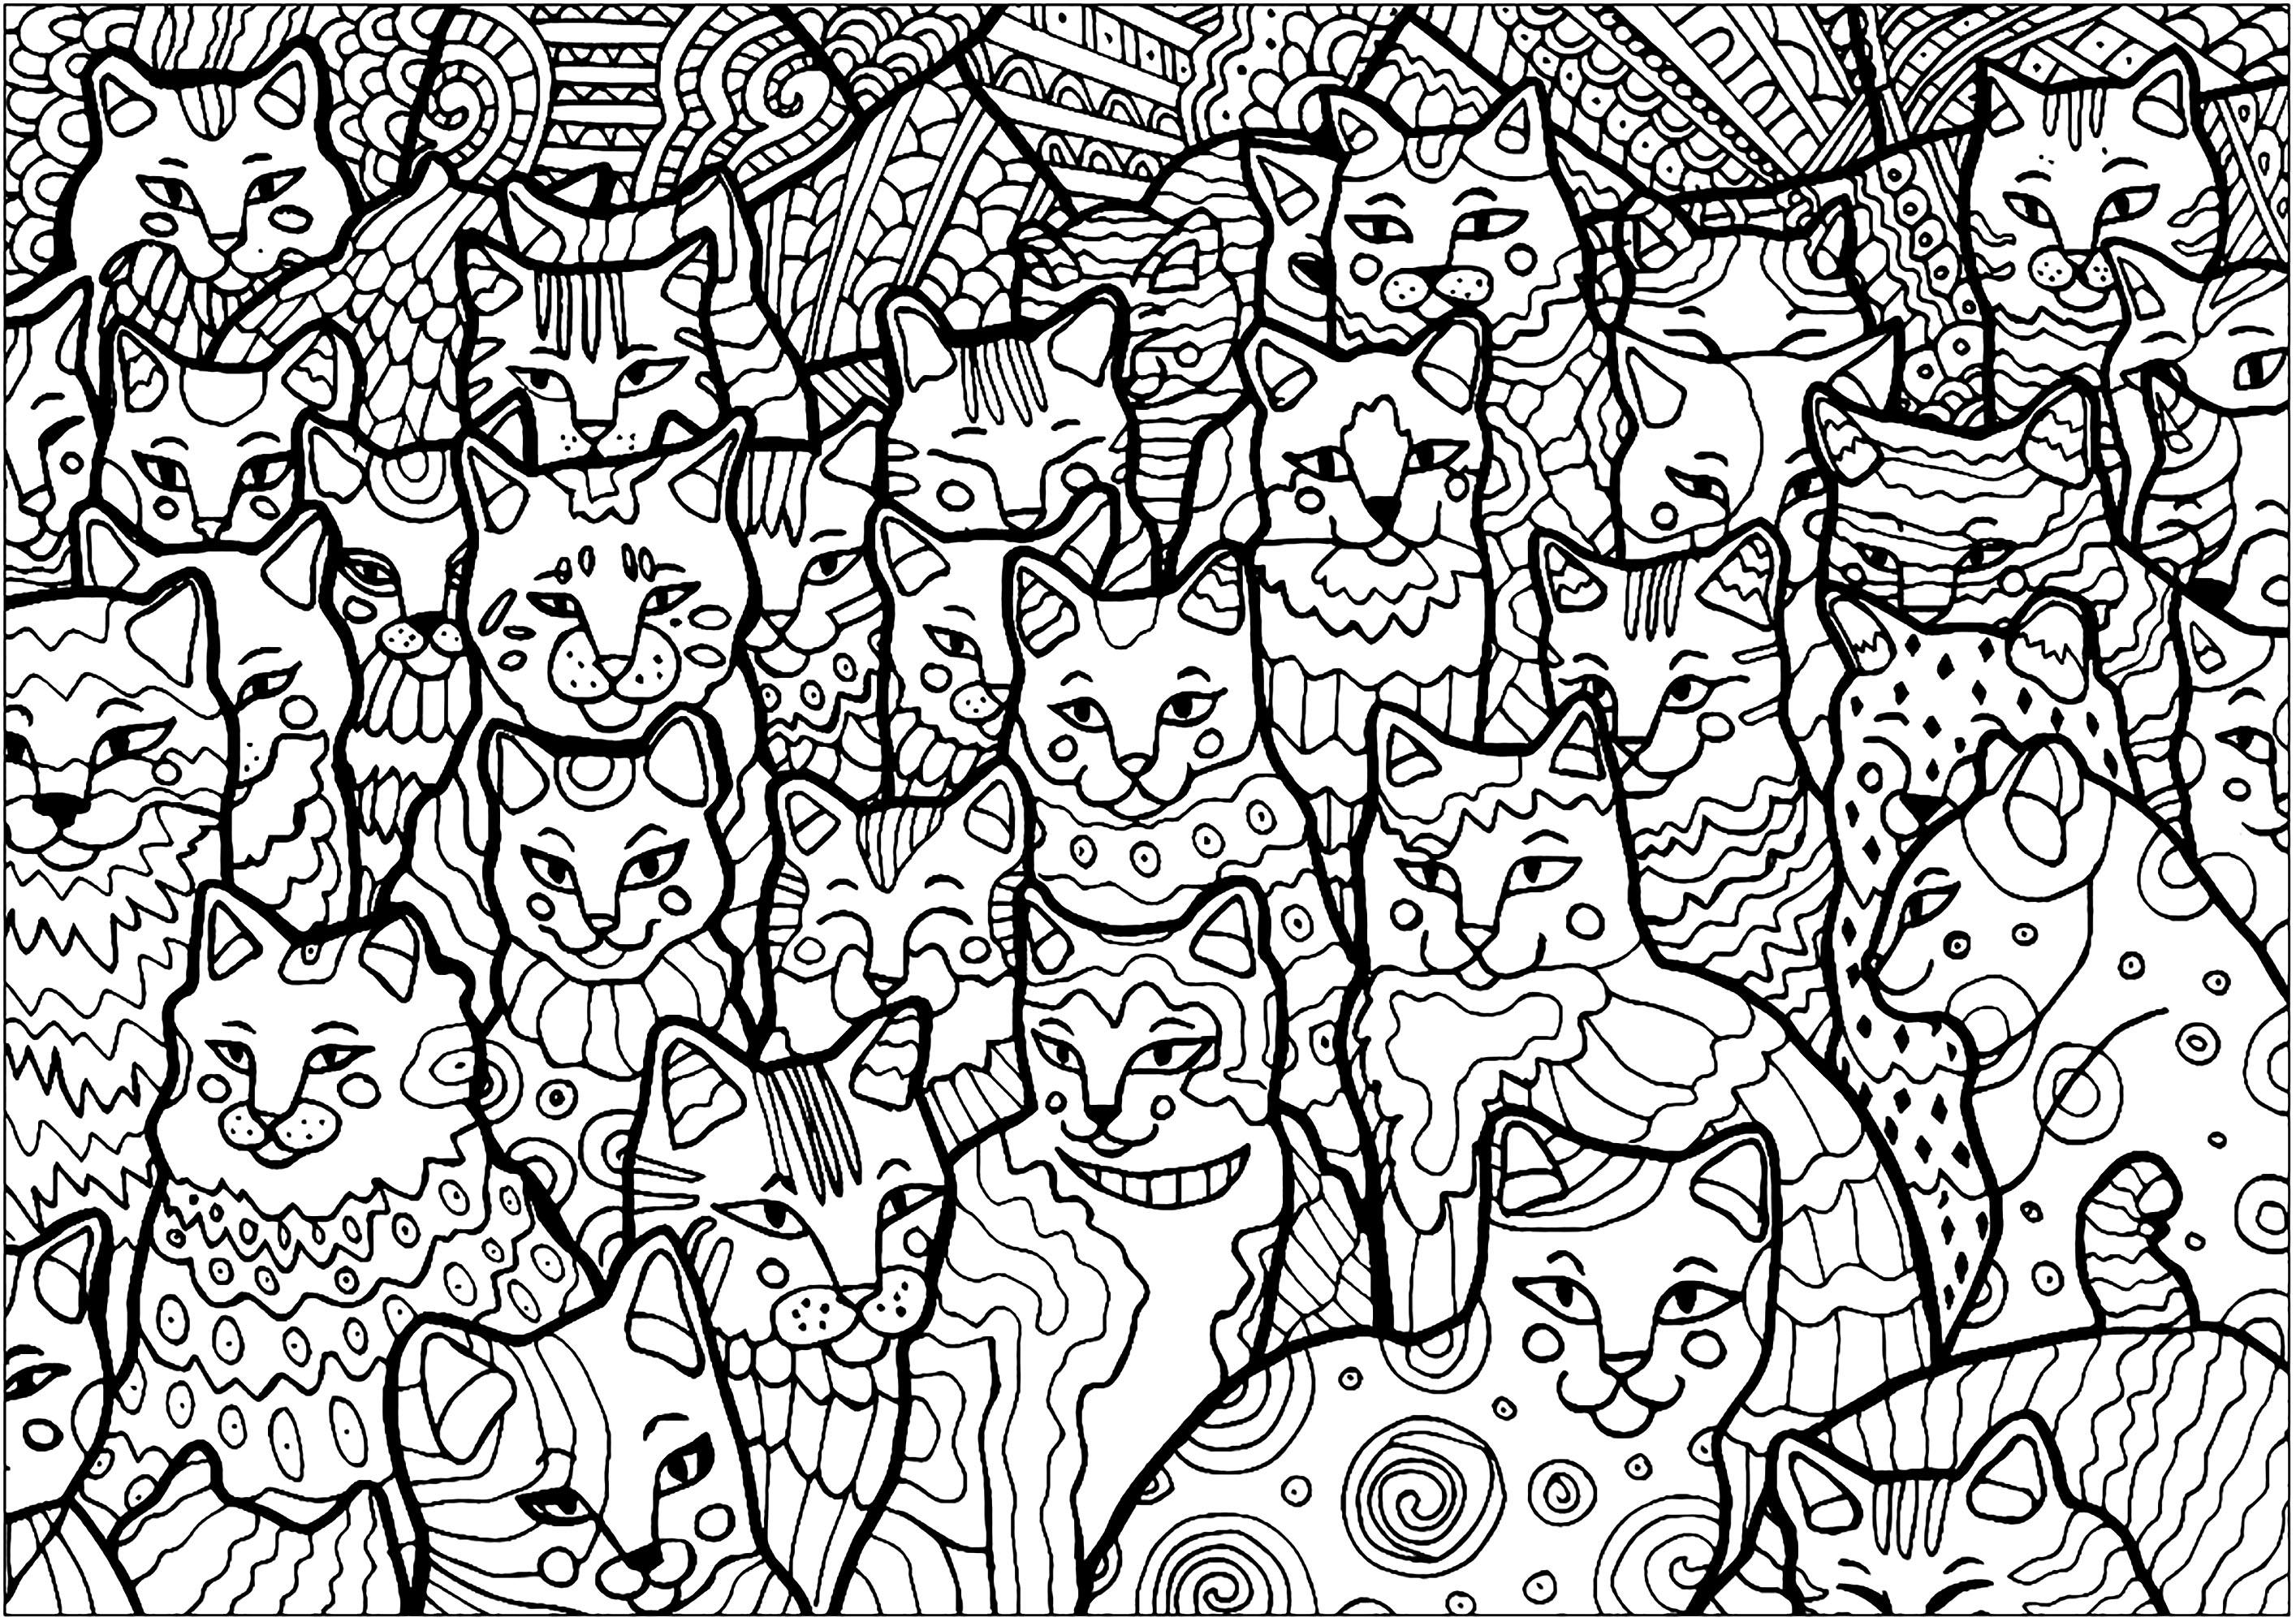 Ces chats occupent la totalité de la page, à vous de les colorier !